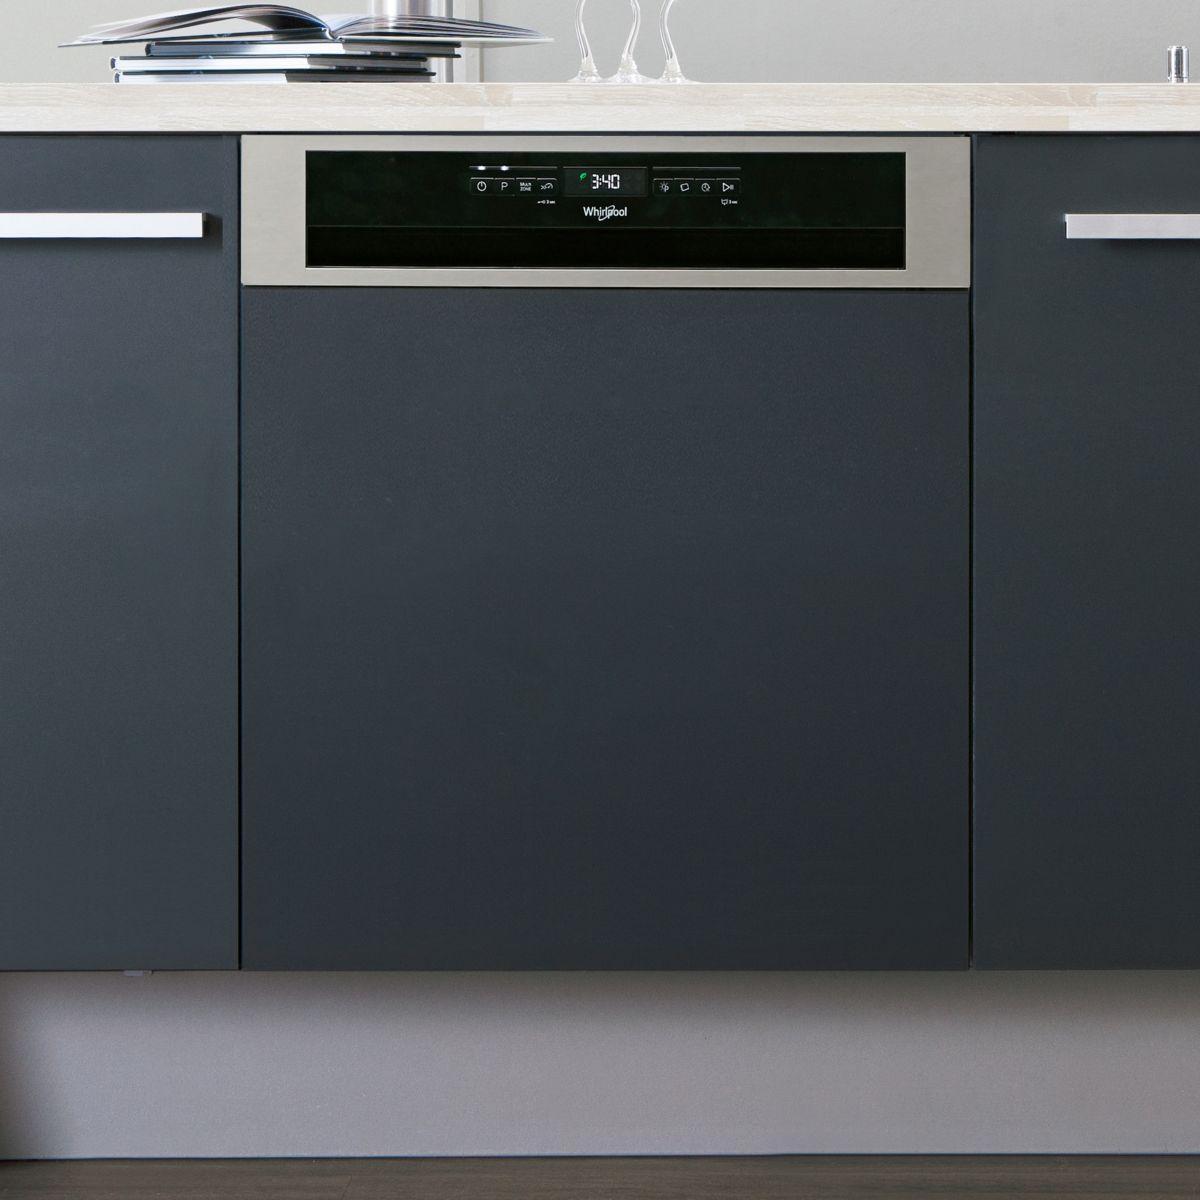 Lave vaisselle encastrable WHIRLPOOL WBO3T123PFX